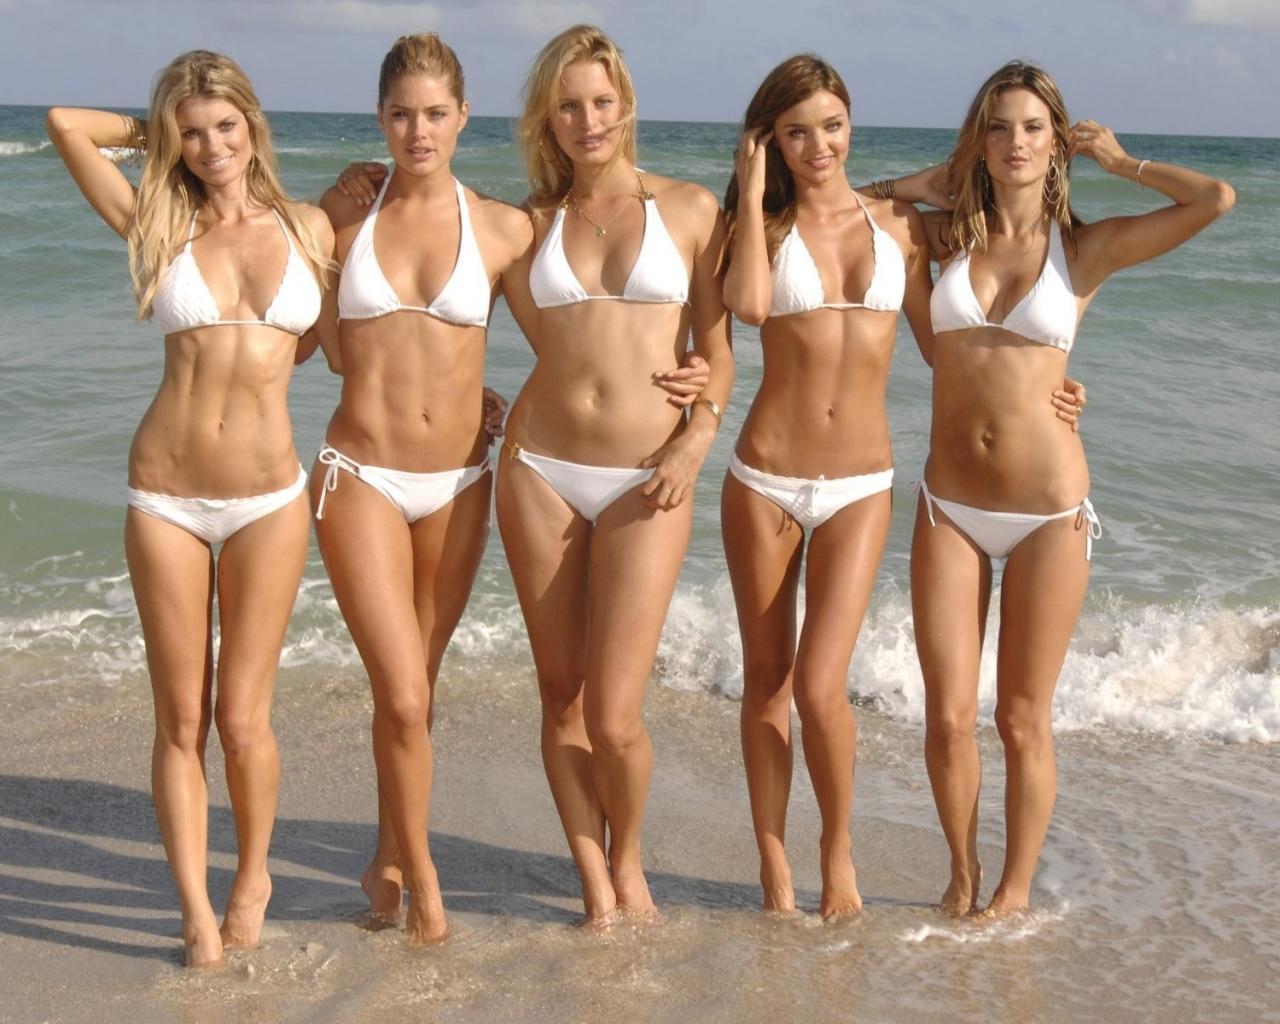 Фото голых девочек много фото 3 фотография